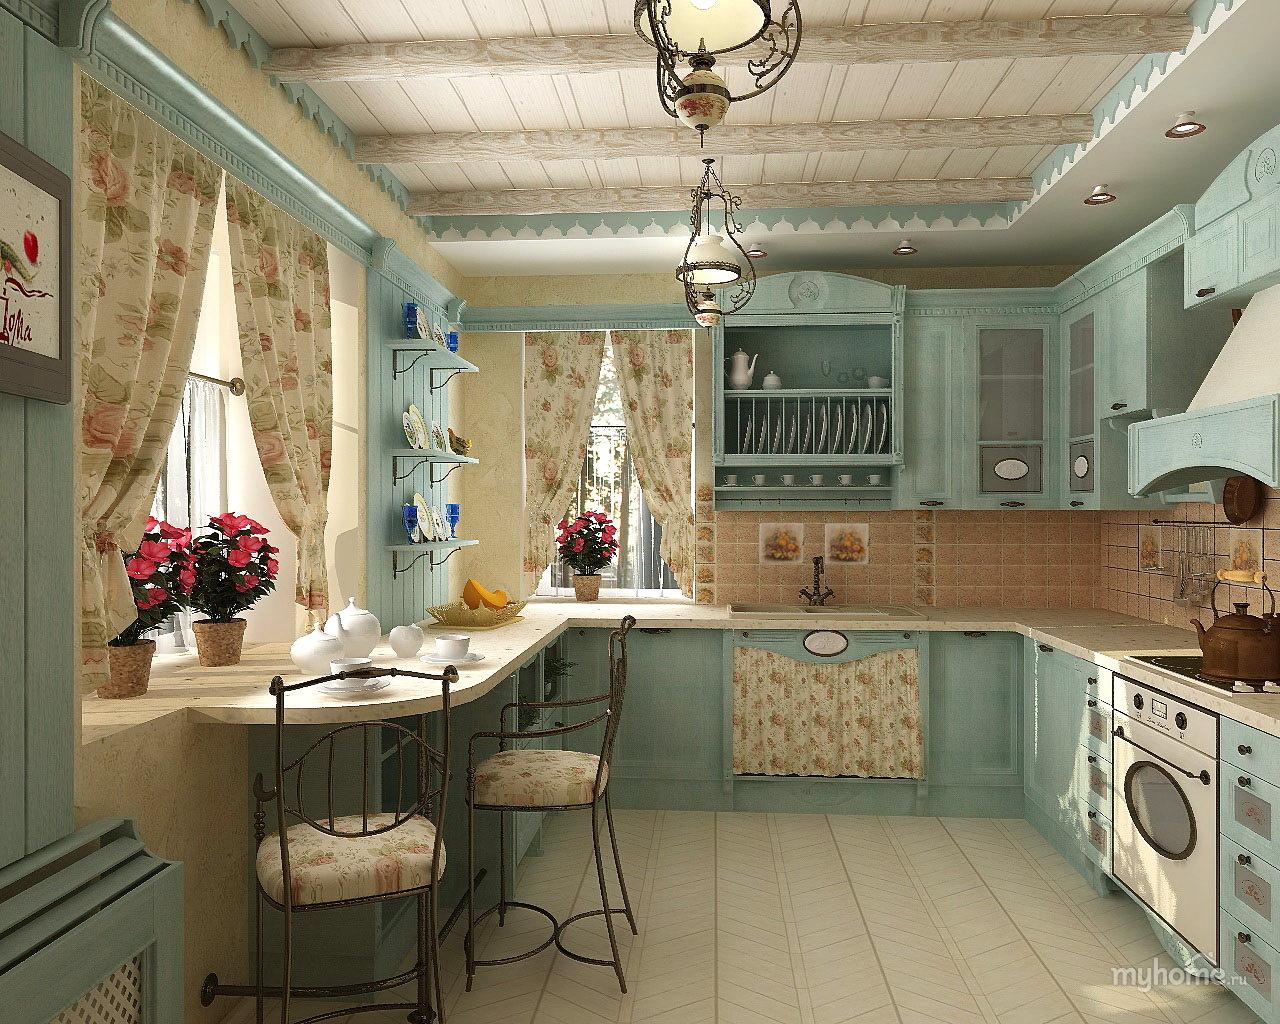 стиль прованс в интерьере квартиры кухня Vs спальня